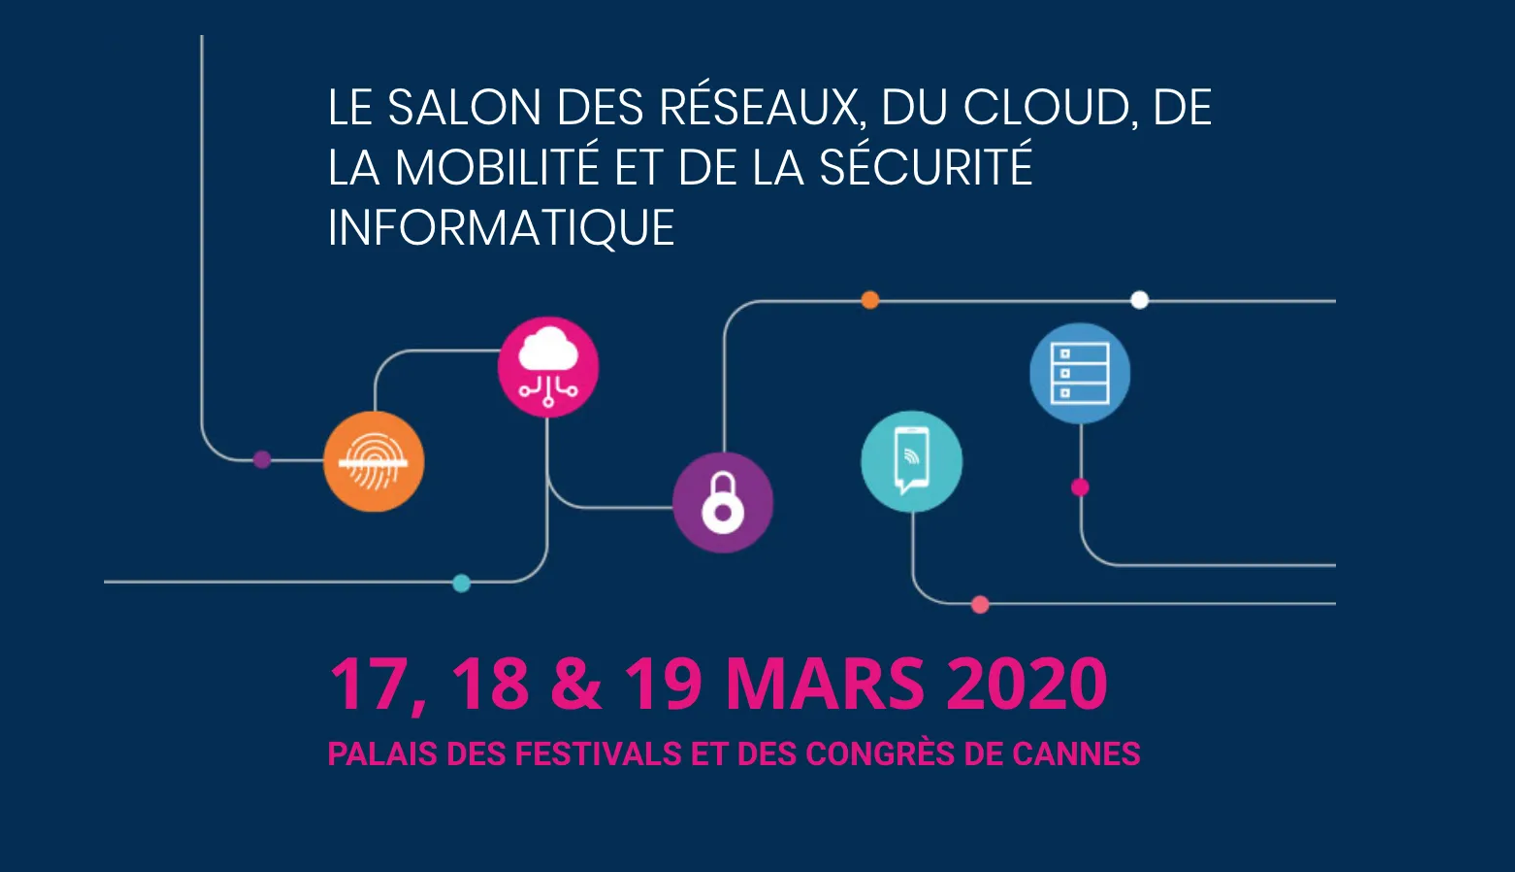 IT & IT Security Meetings 2020